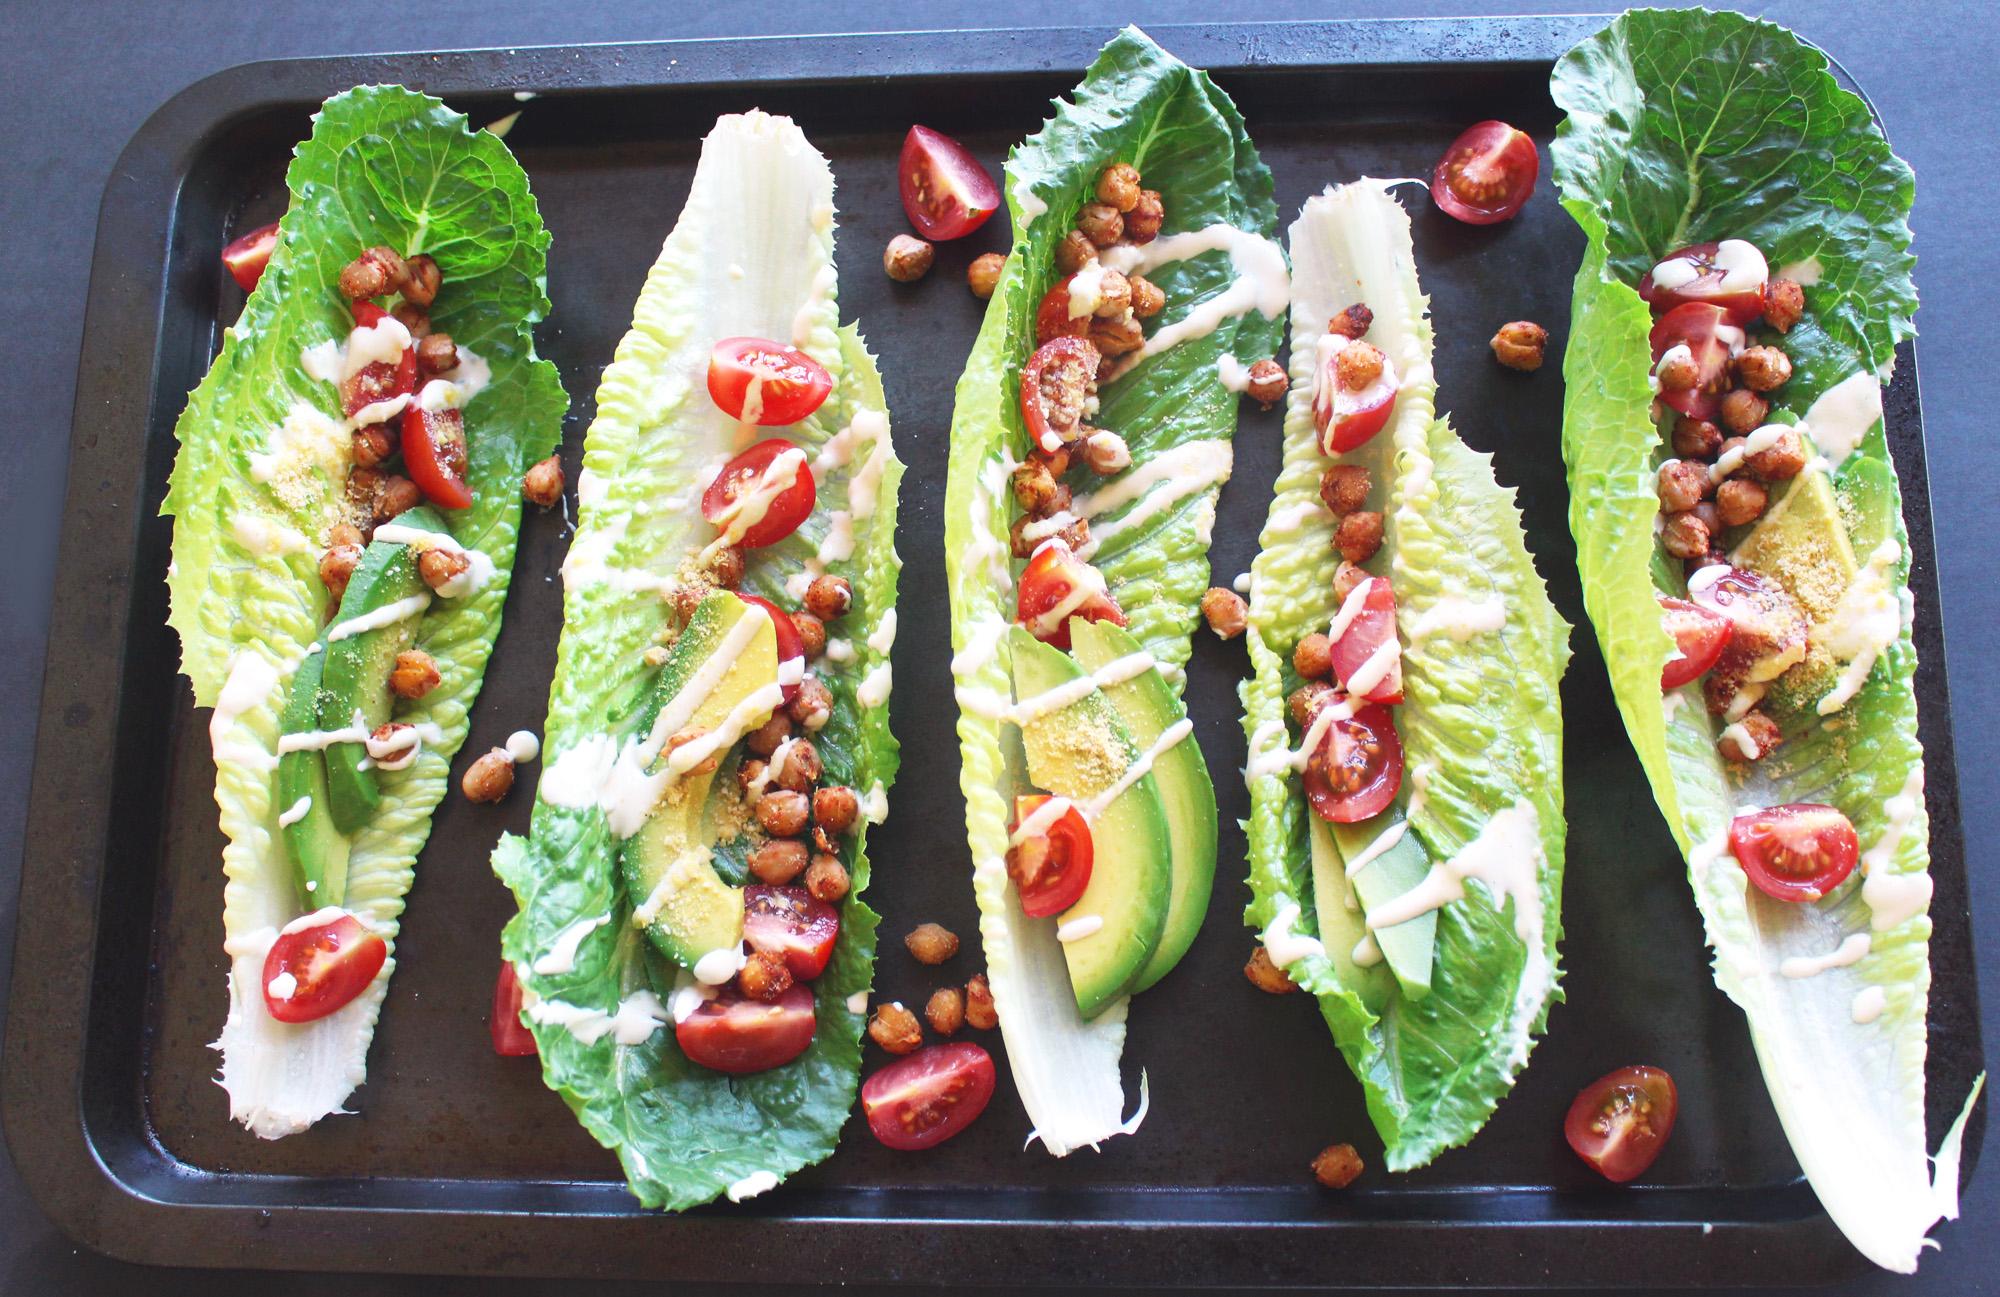 Chickpea Caesar Lettuce Wraps (Vegan, GF, Oil-Free)